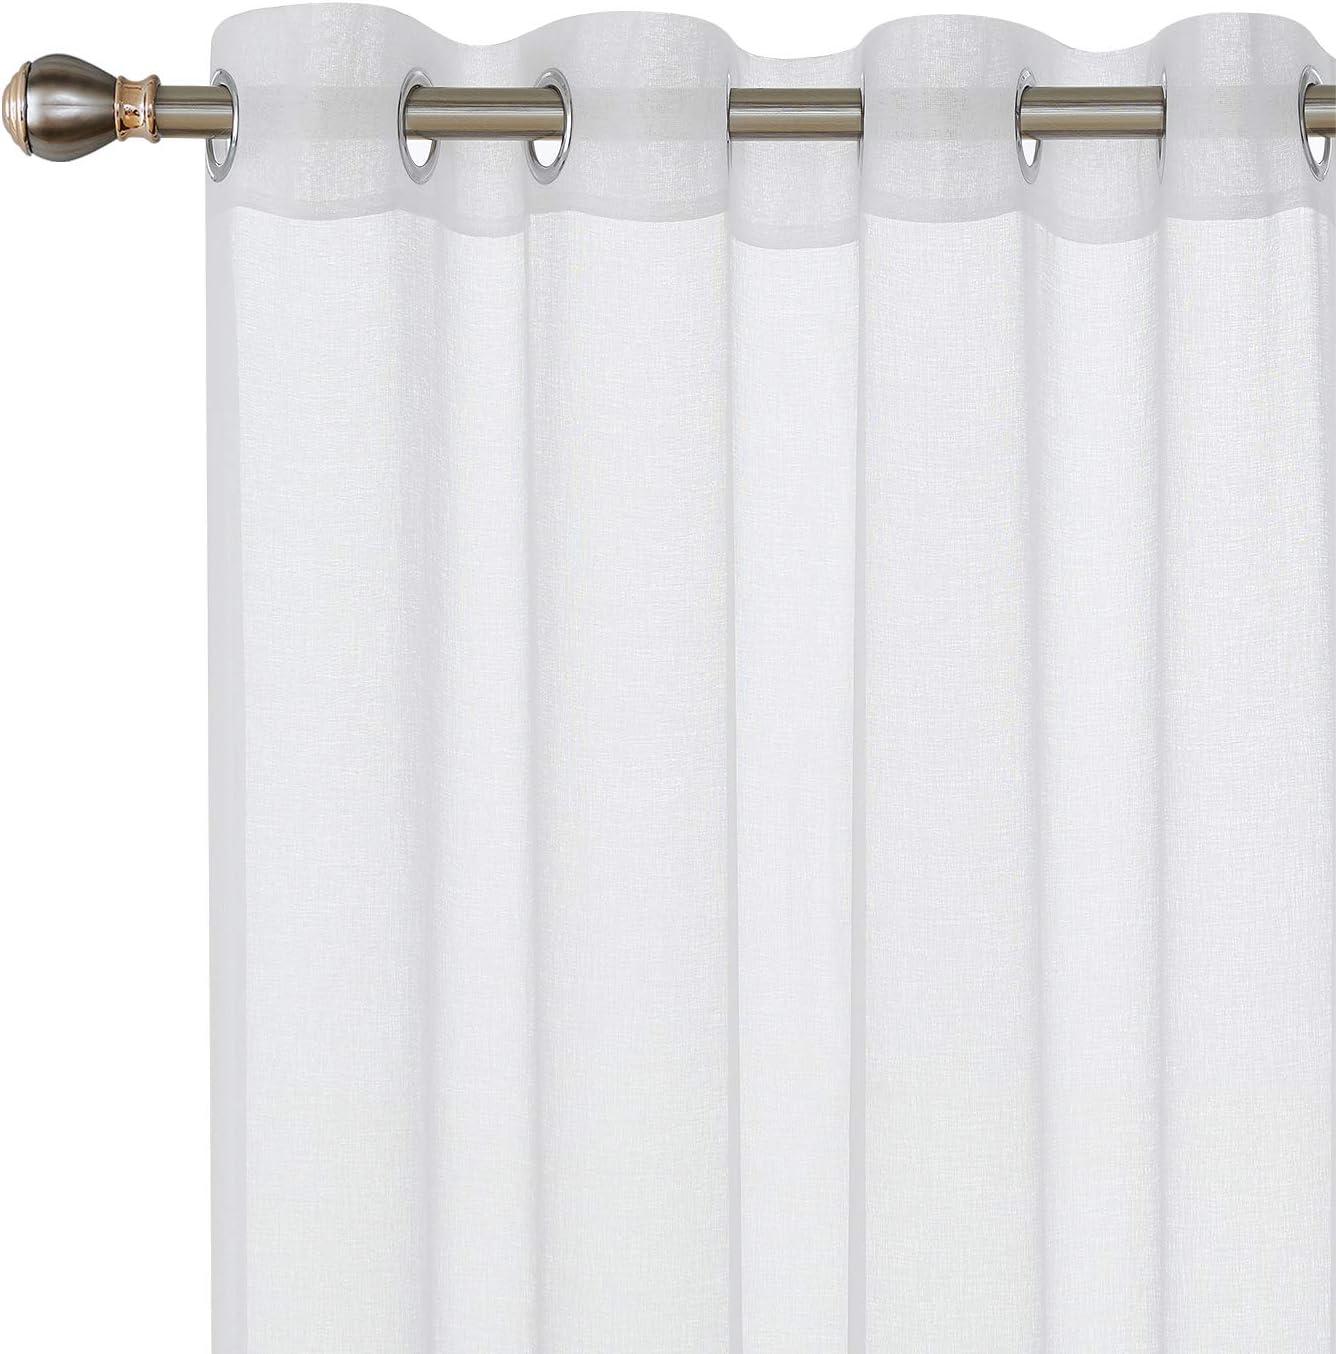 Deconovo Lot de 2 Rideau Transparent Voile Rideaux de Chambre Deco Salon Panneau /à Oeillets de Fen/être 132x242cm Blanc